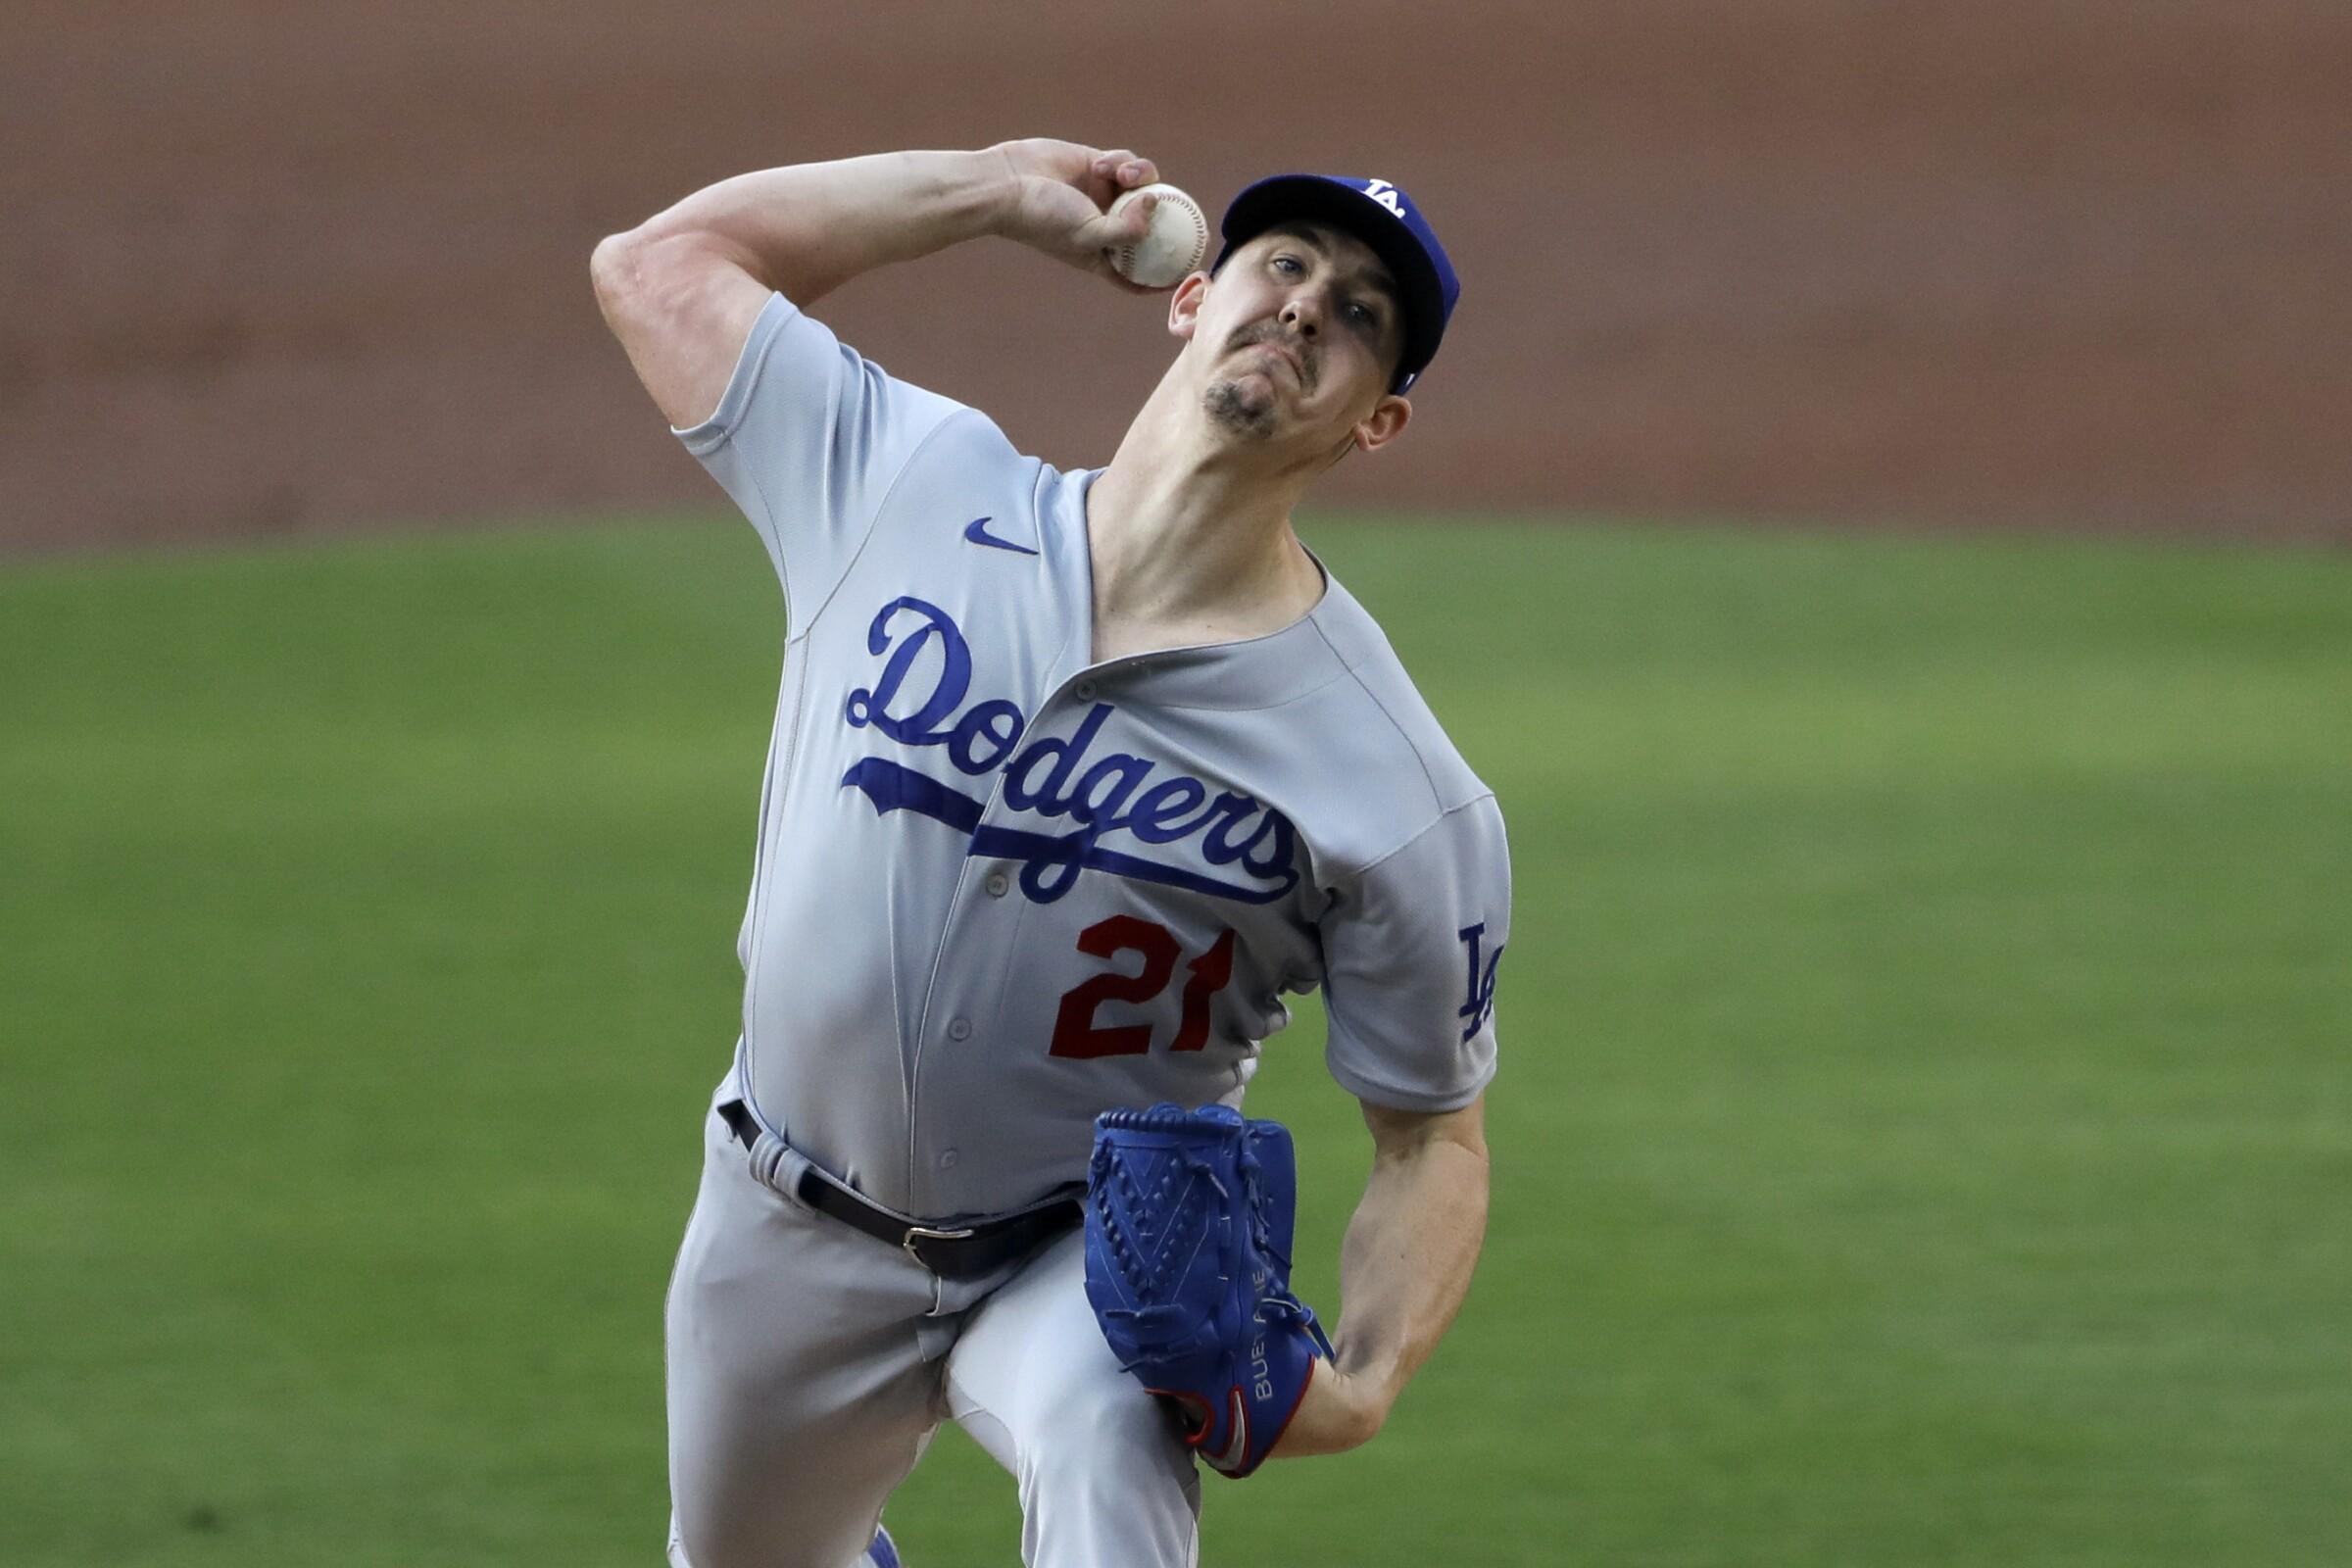 Los Angeles Dodgers starting pitcher Walker Buehler works against a San Diego Padres batter.